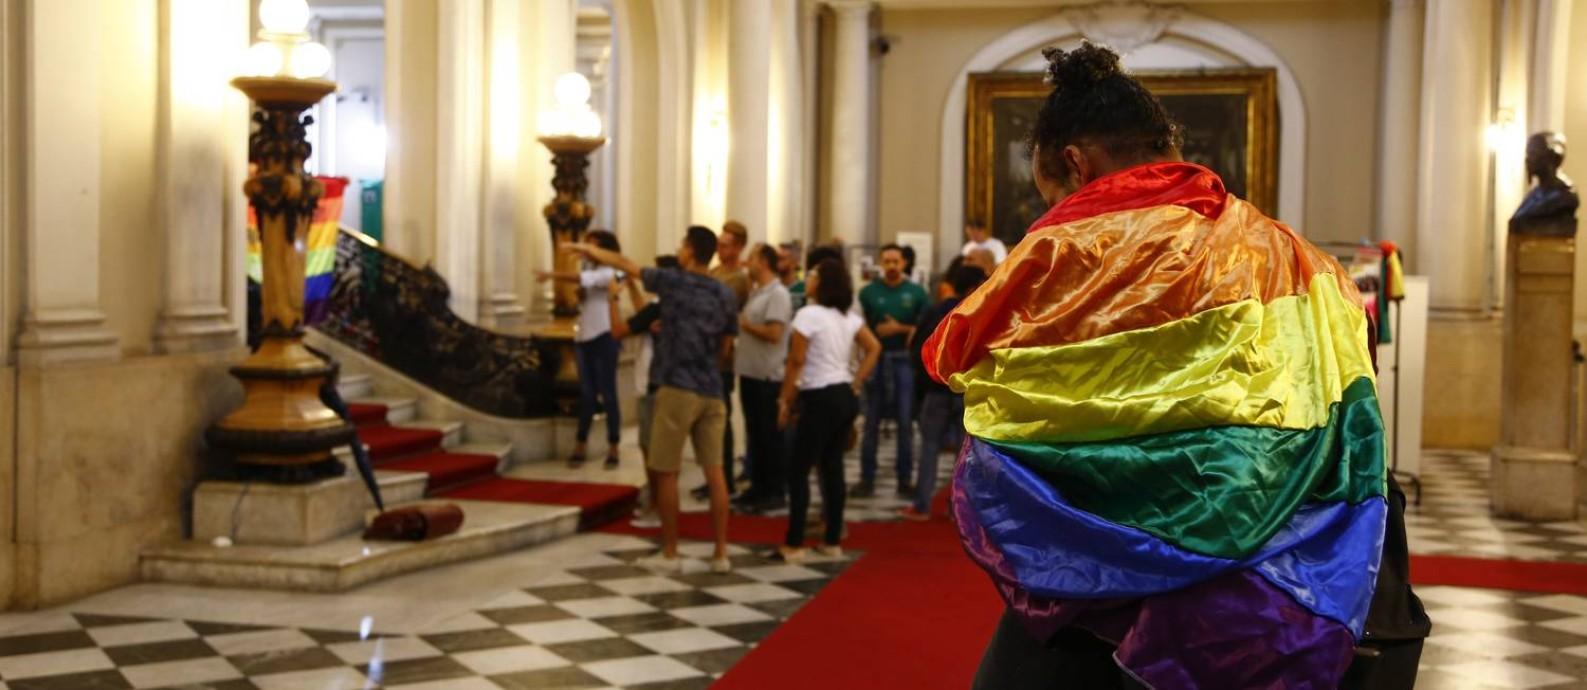 Solenidade em comemoração ao Dia Internacional contra a LGBTfobia Foto: Agência O Globo